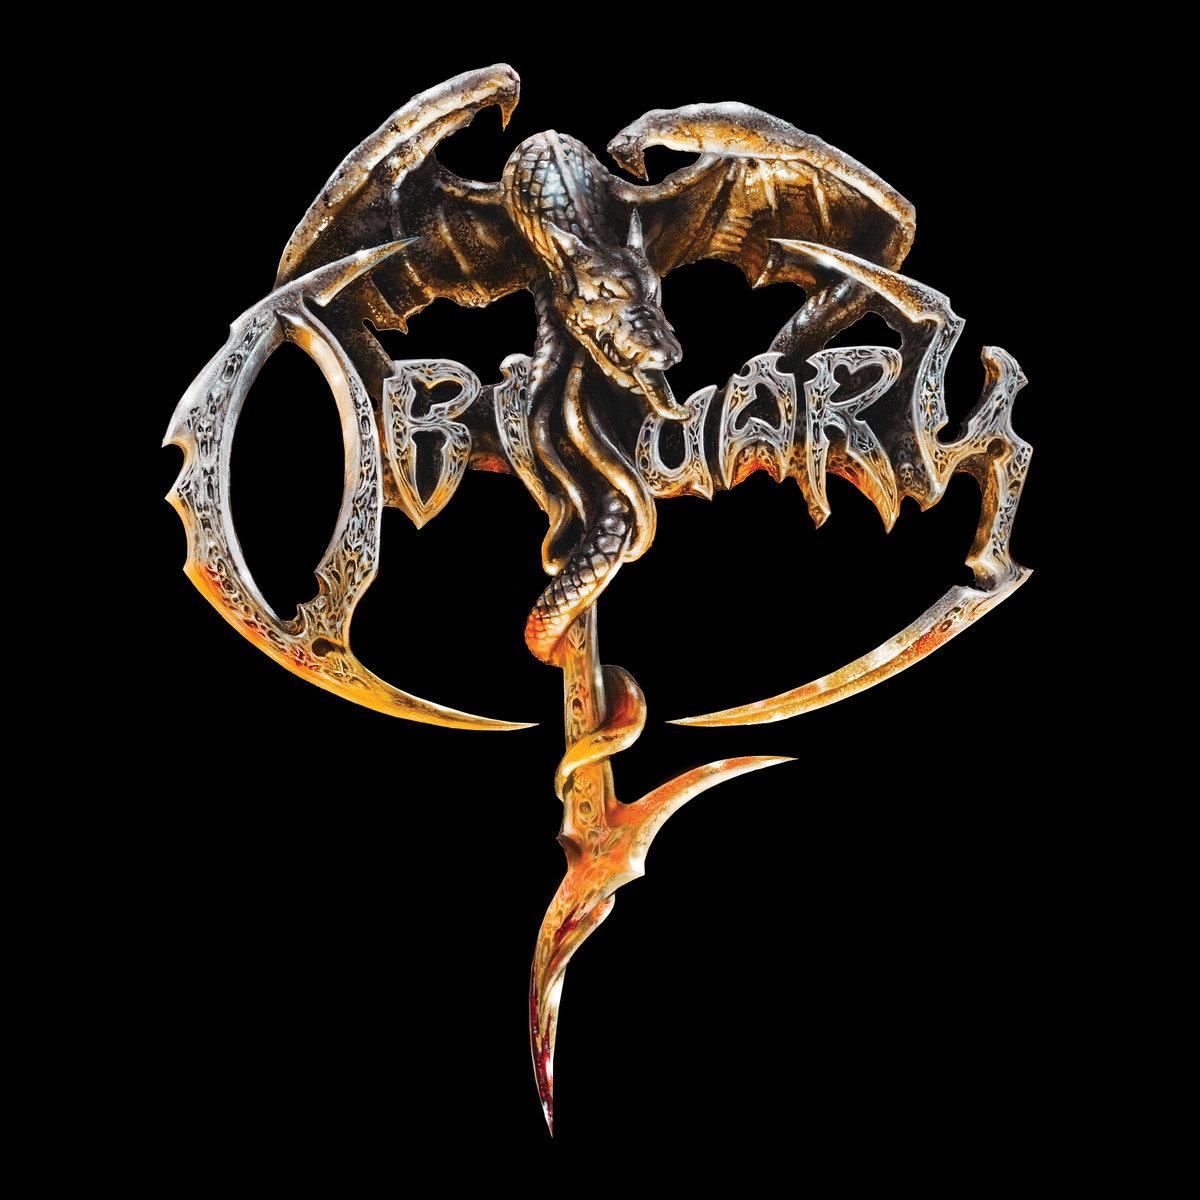 Obituary - Obituary<br /><br />A Rockmaratonra is érkező death metal veterán Obituary tizedik nagylemeze szimplán csak a banda nevét fogja viselni, viszont nem kell megijedni, nem tervezik újradefiniálni magukat. Marad az igazi, keményvonalas, kegyetlen, jó öreg death metal, ahogy azt már megszokhattuk a floridaiaktól.